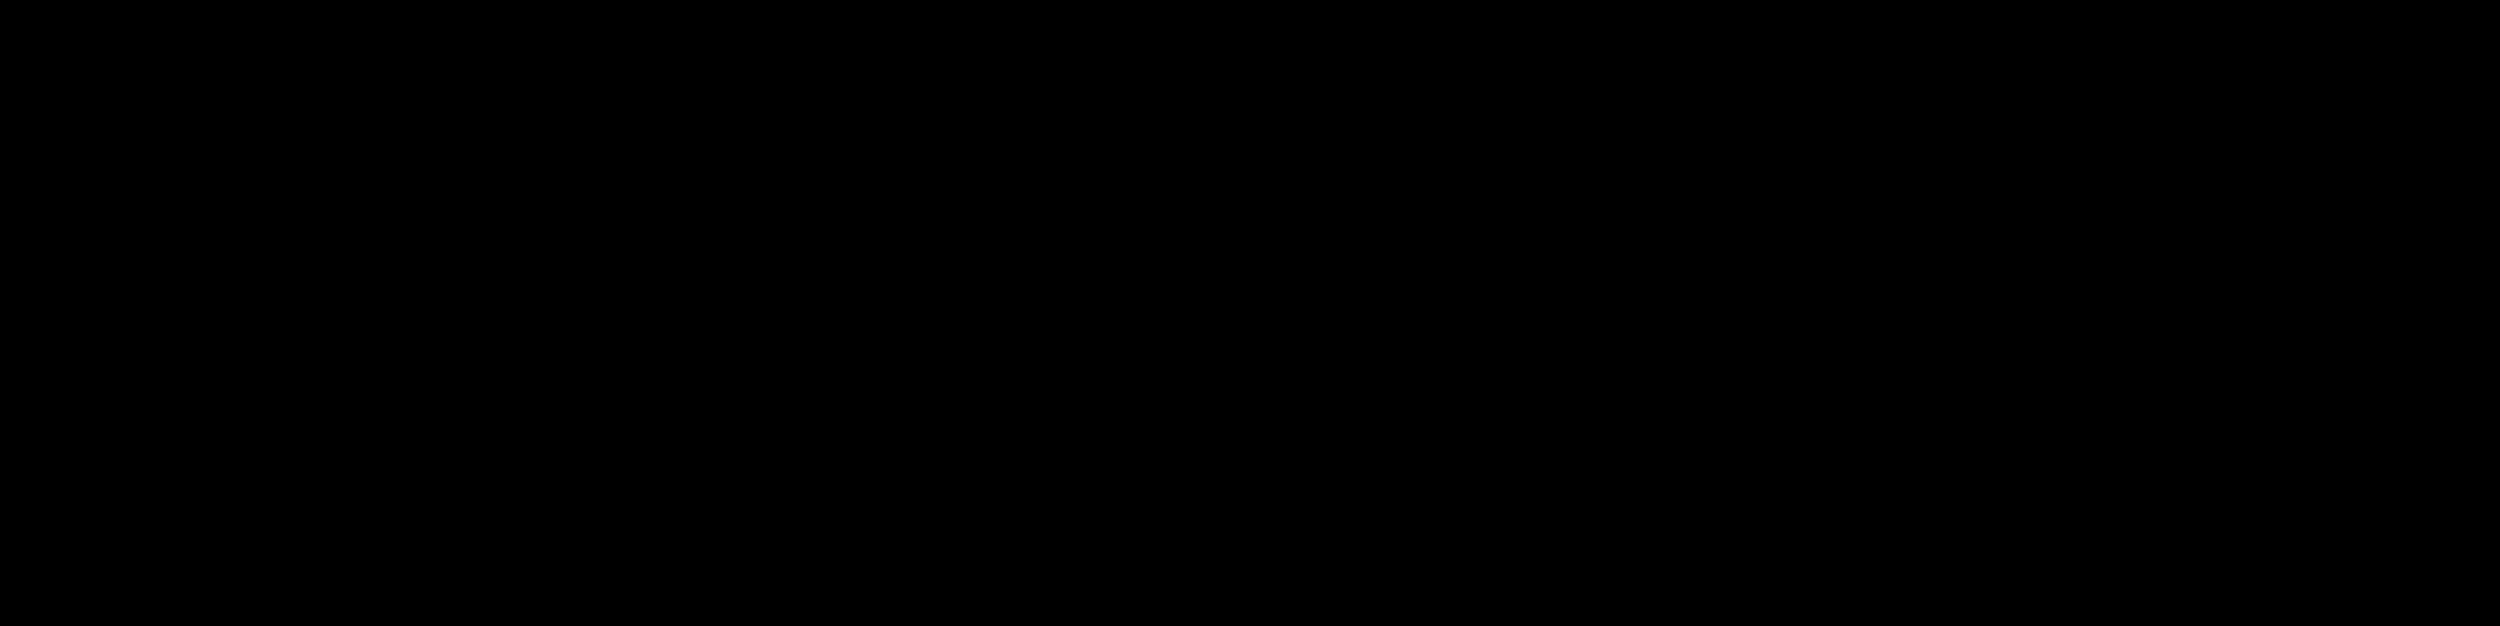 KK_Monogram+Brand_Black.png